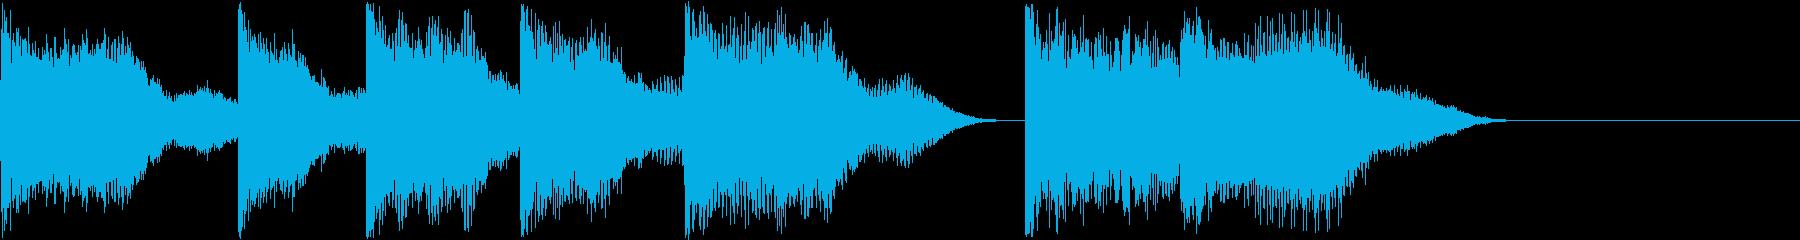 AI メカ/ロボ/マシン動作音 35の再生済みの波形